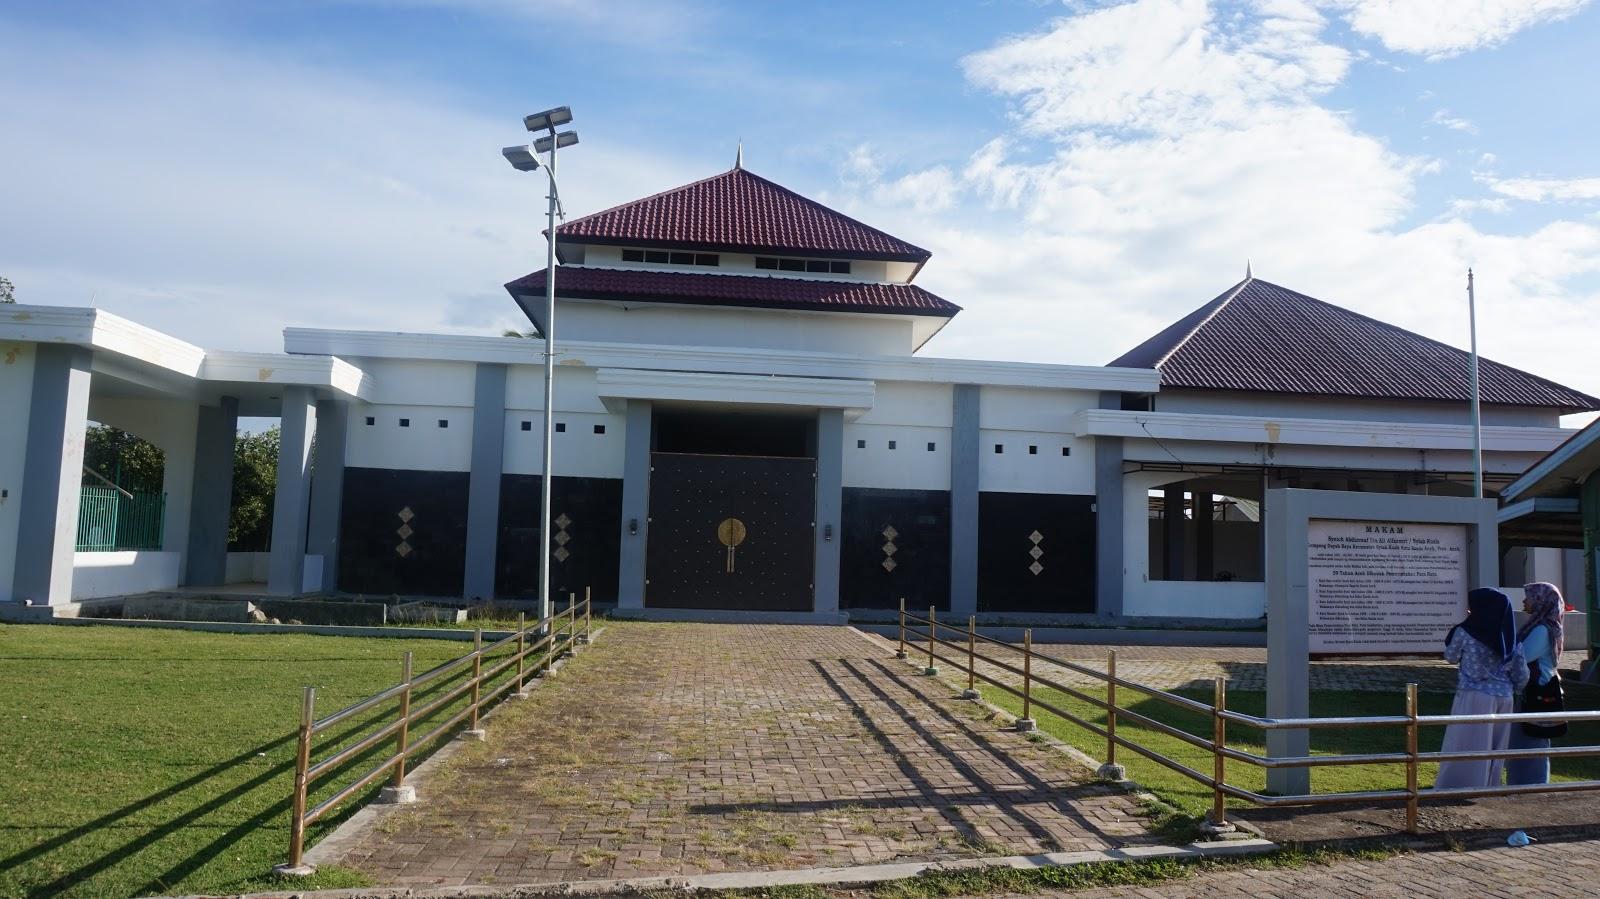 Melihat Makam Syiah Kuala Banda Aceh Traveling Bersama Aswir Dialami